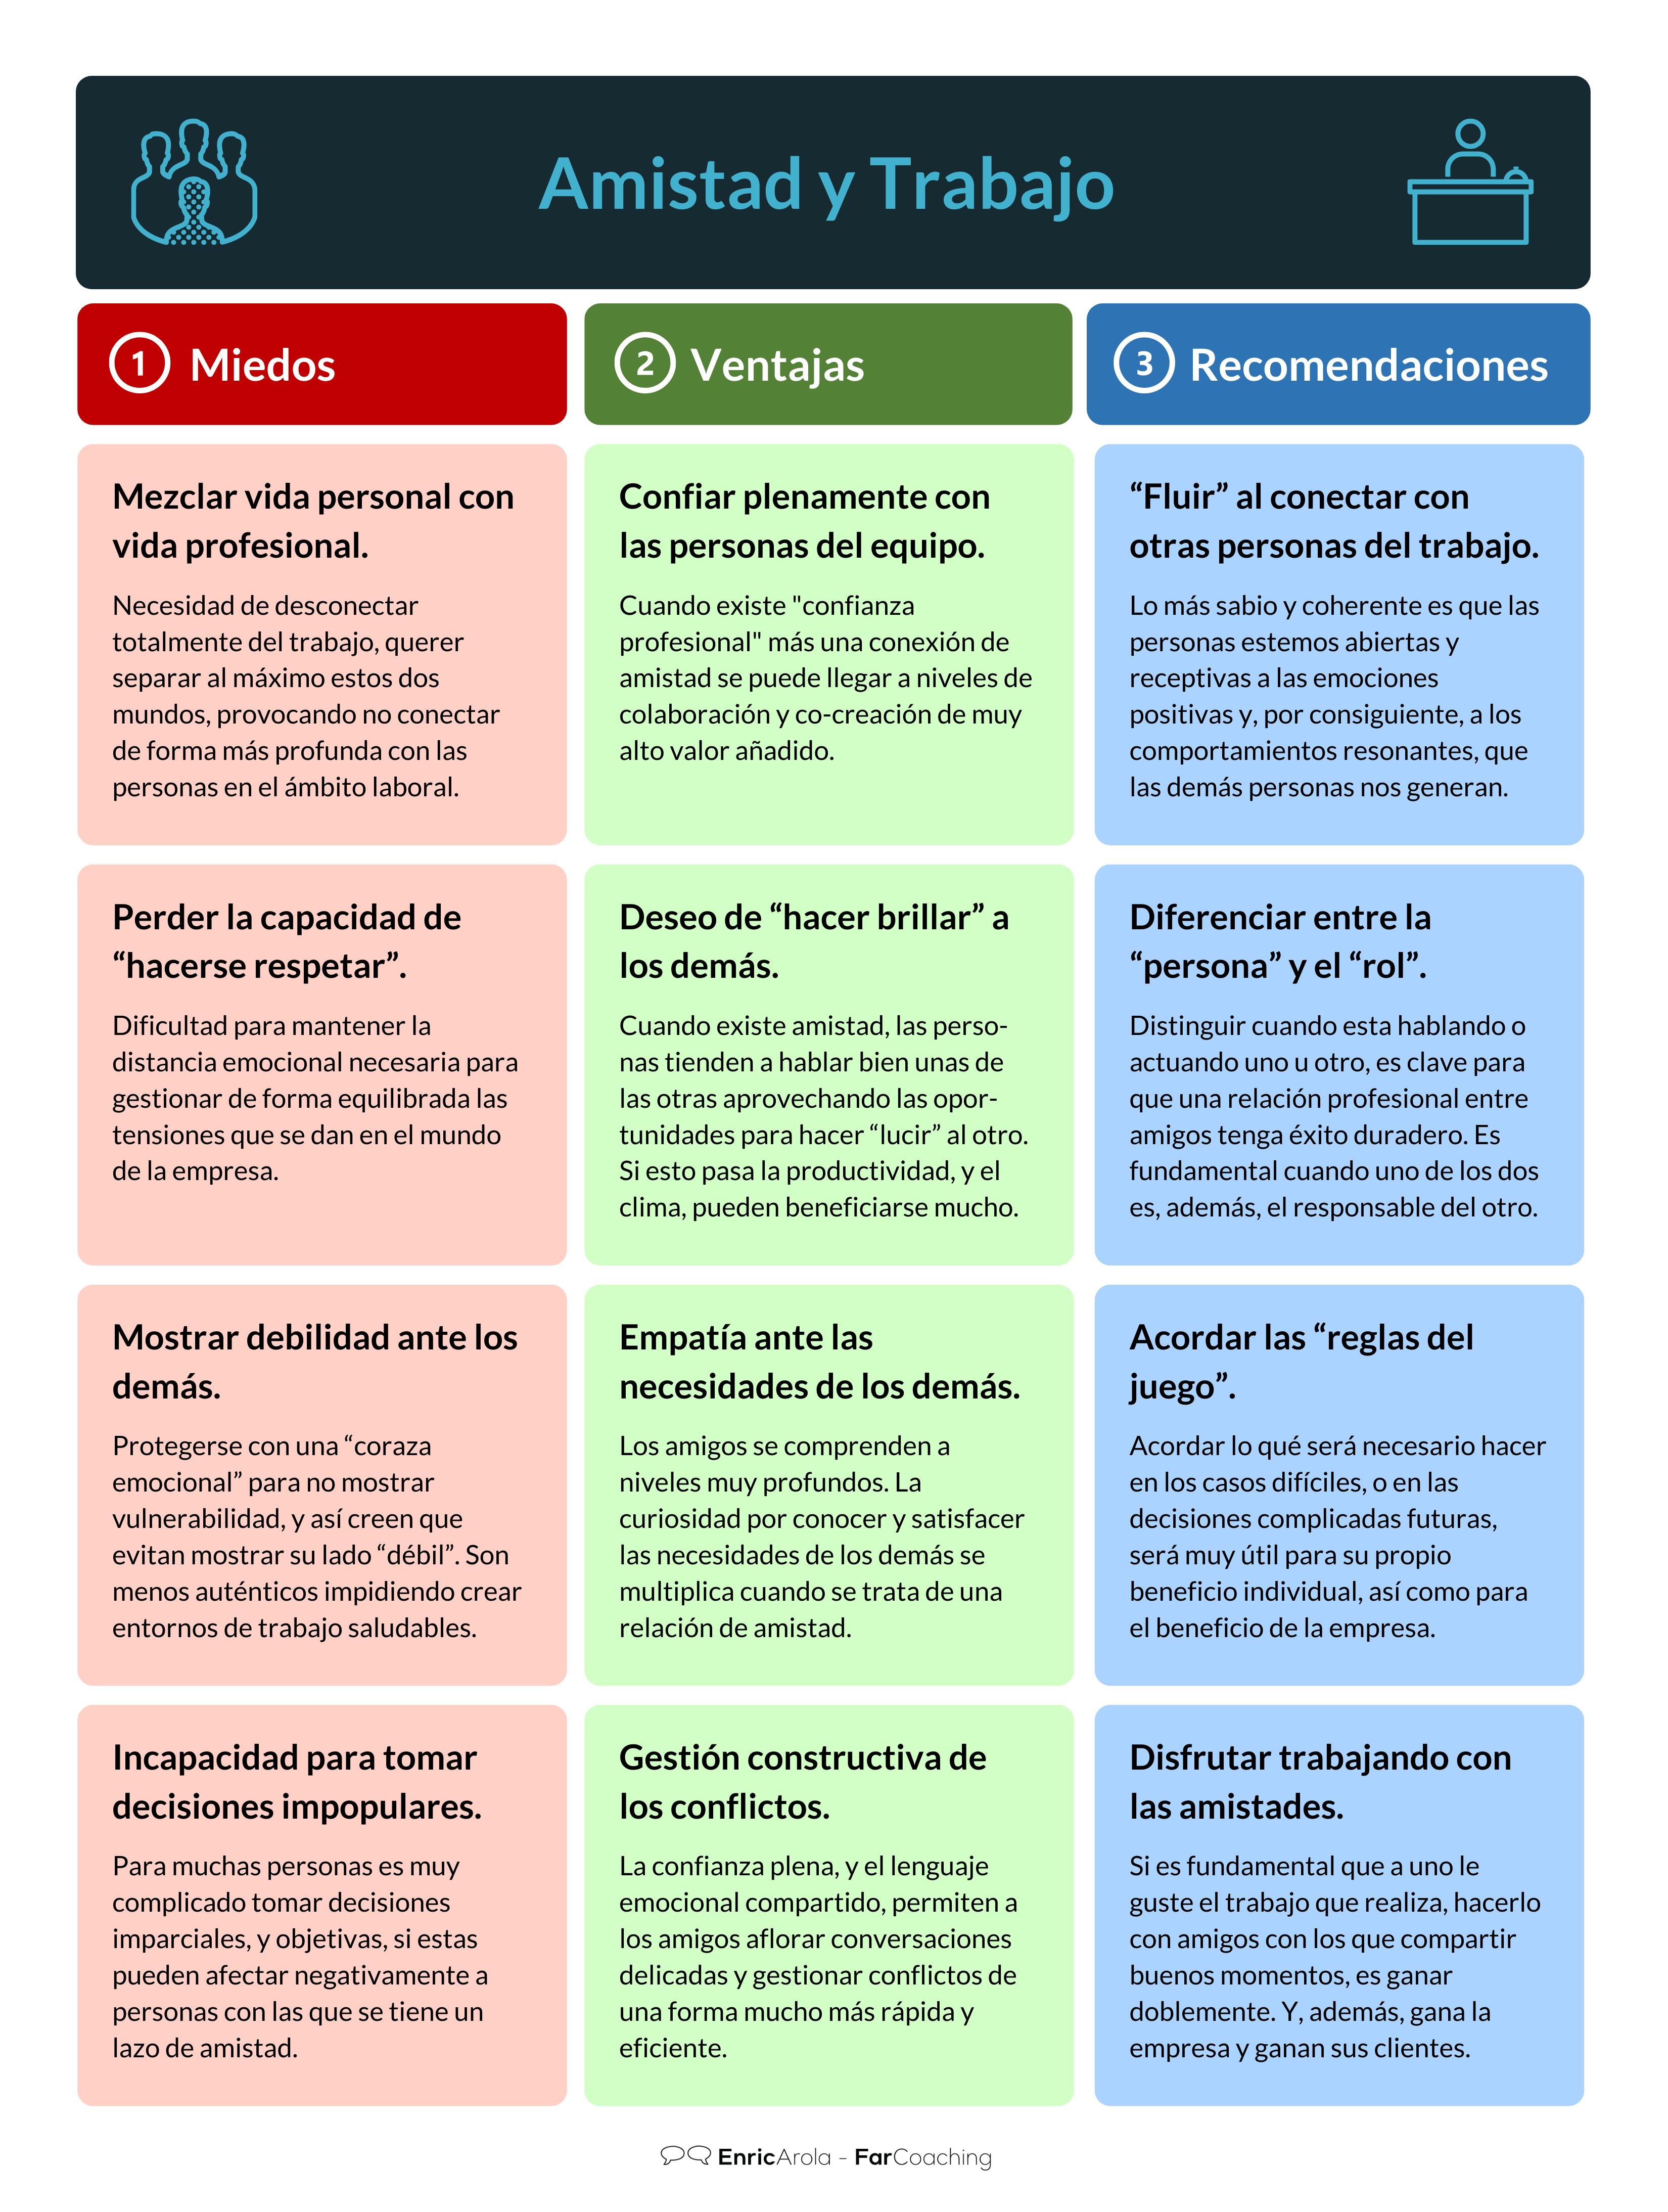 Infografia Amistad y trabajo